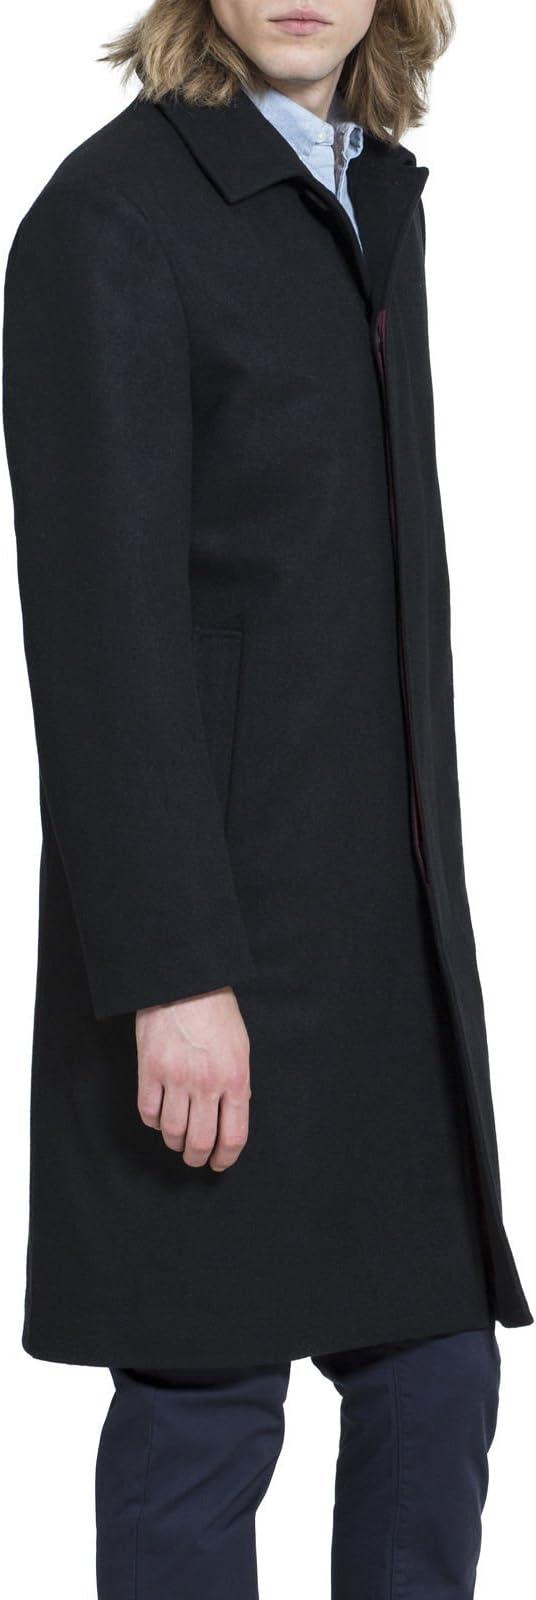 Carter /& Jones Casual Funnel Neck Wool Coat in Black S to 3X 54378w